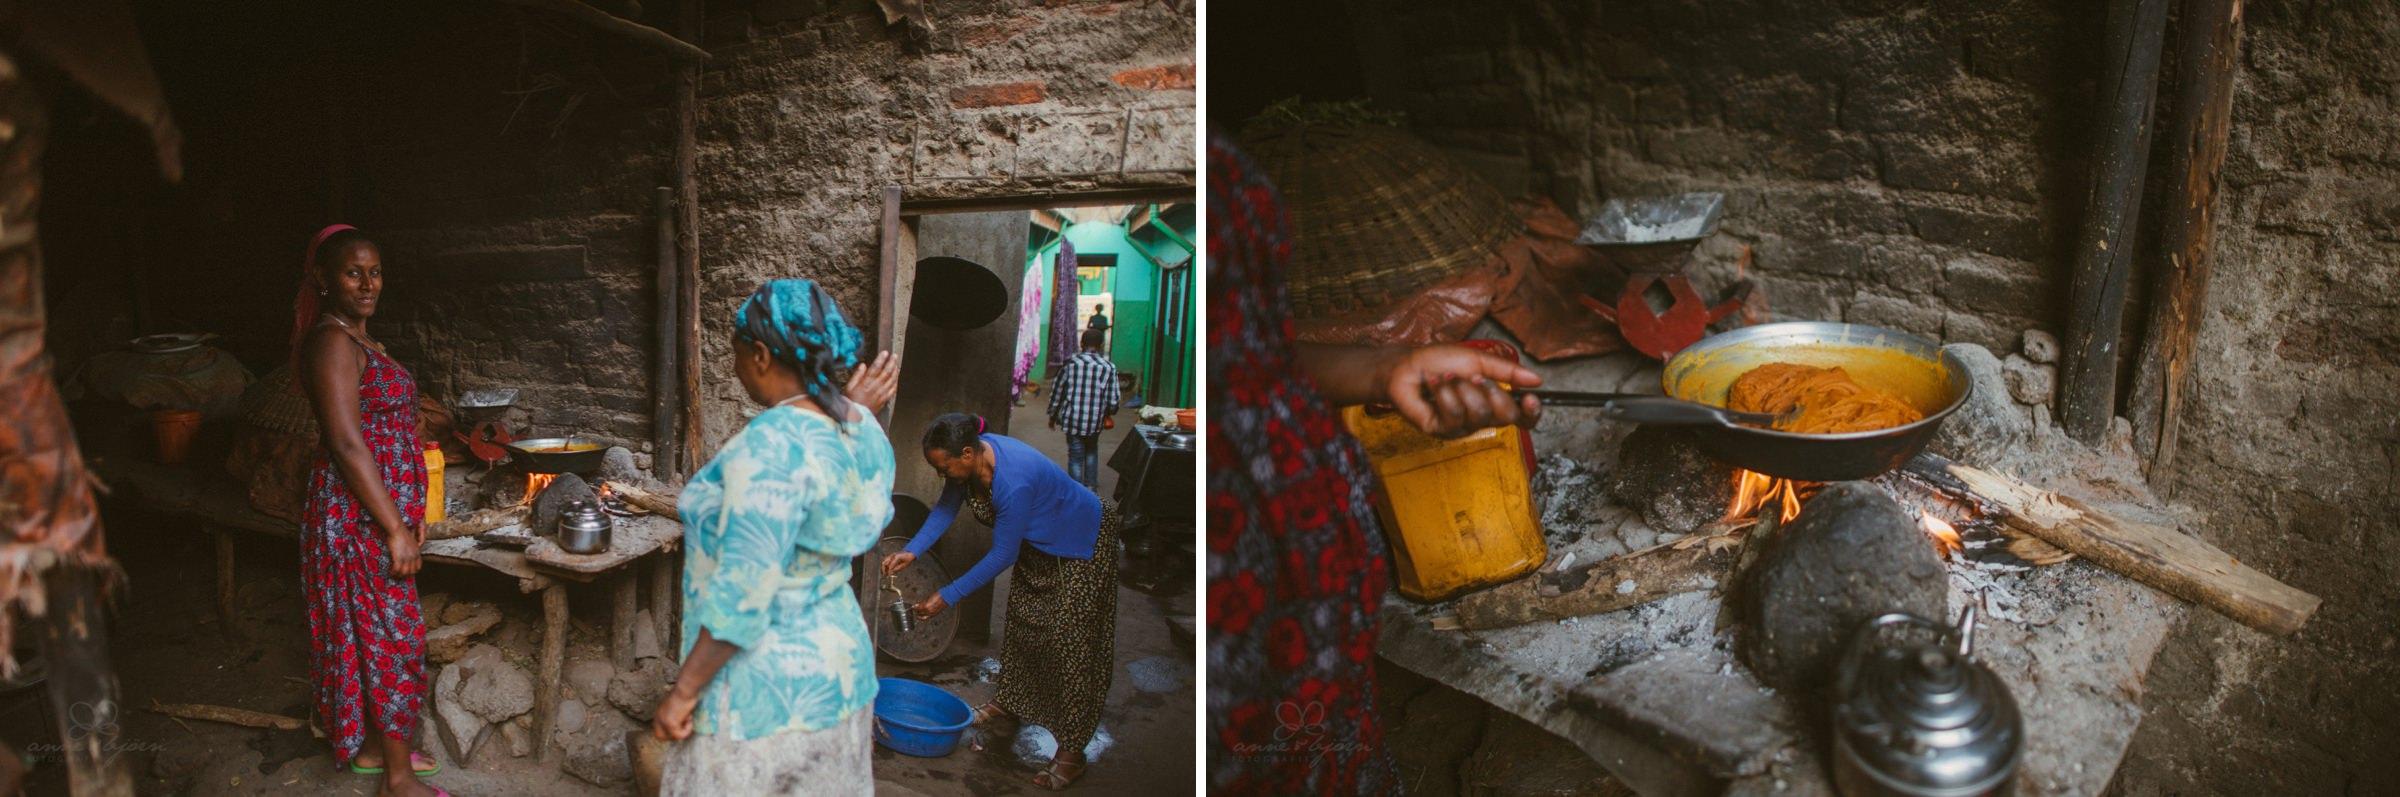 kochen, äthiopische Küche, Pfanne, Leben, Hausfrau, Frau, Afrika